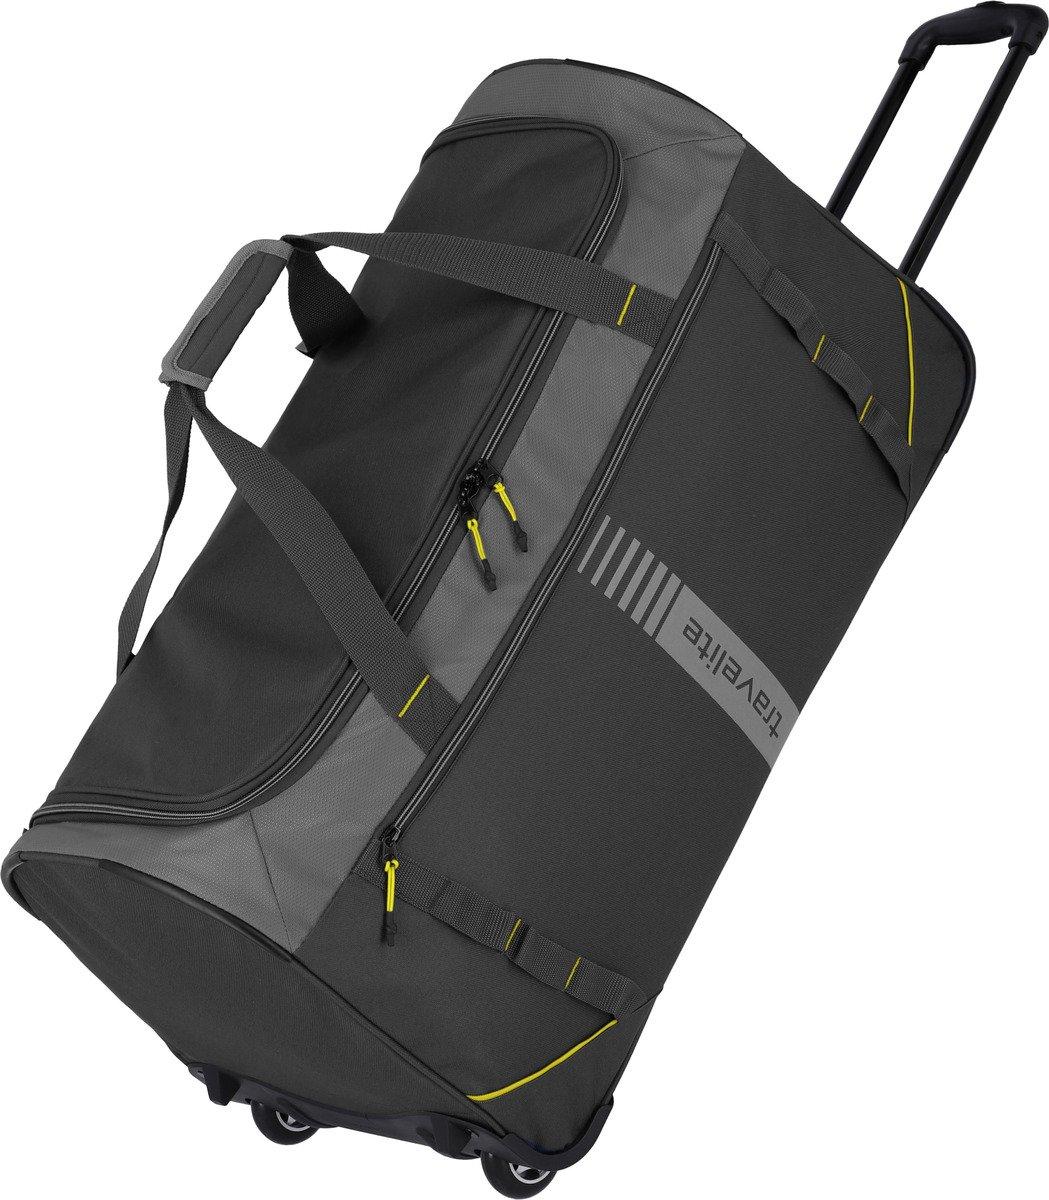 Basics Active Torba Podróżna na kółkach Travelite szara